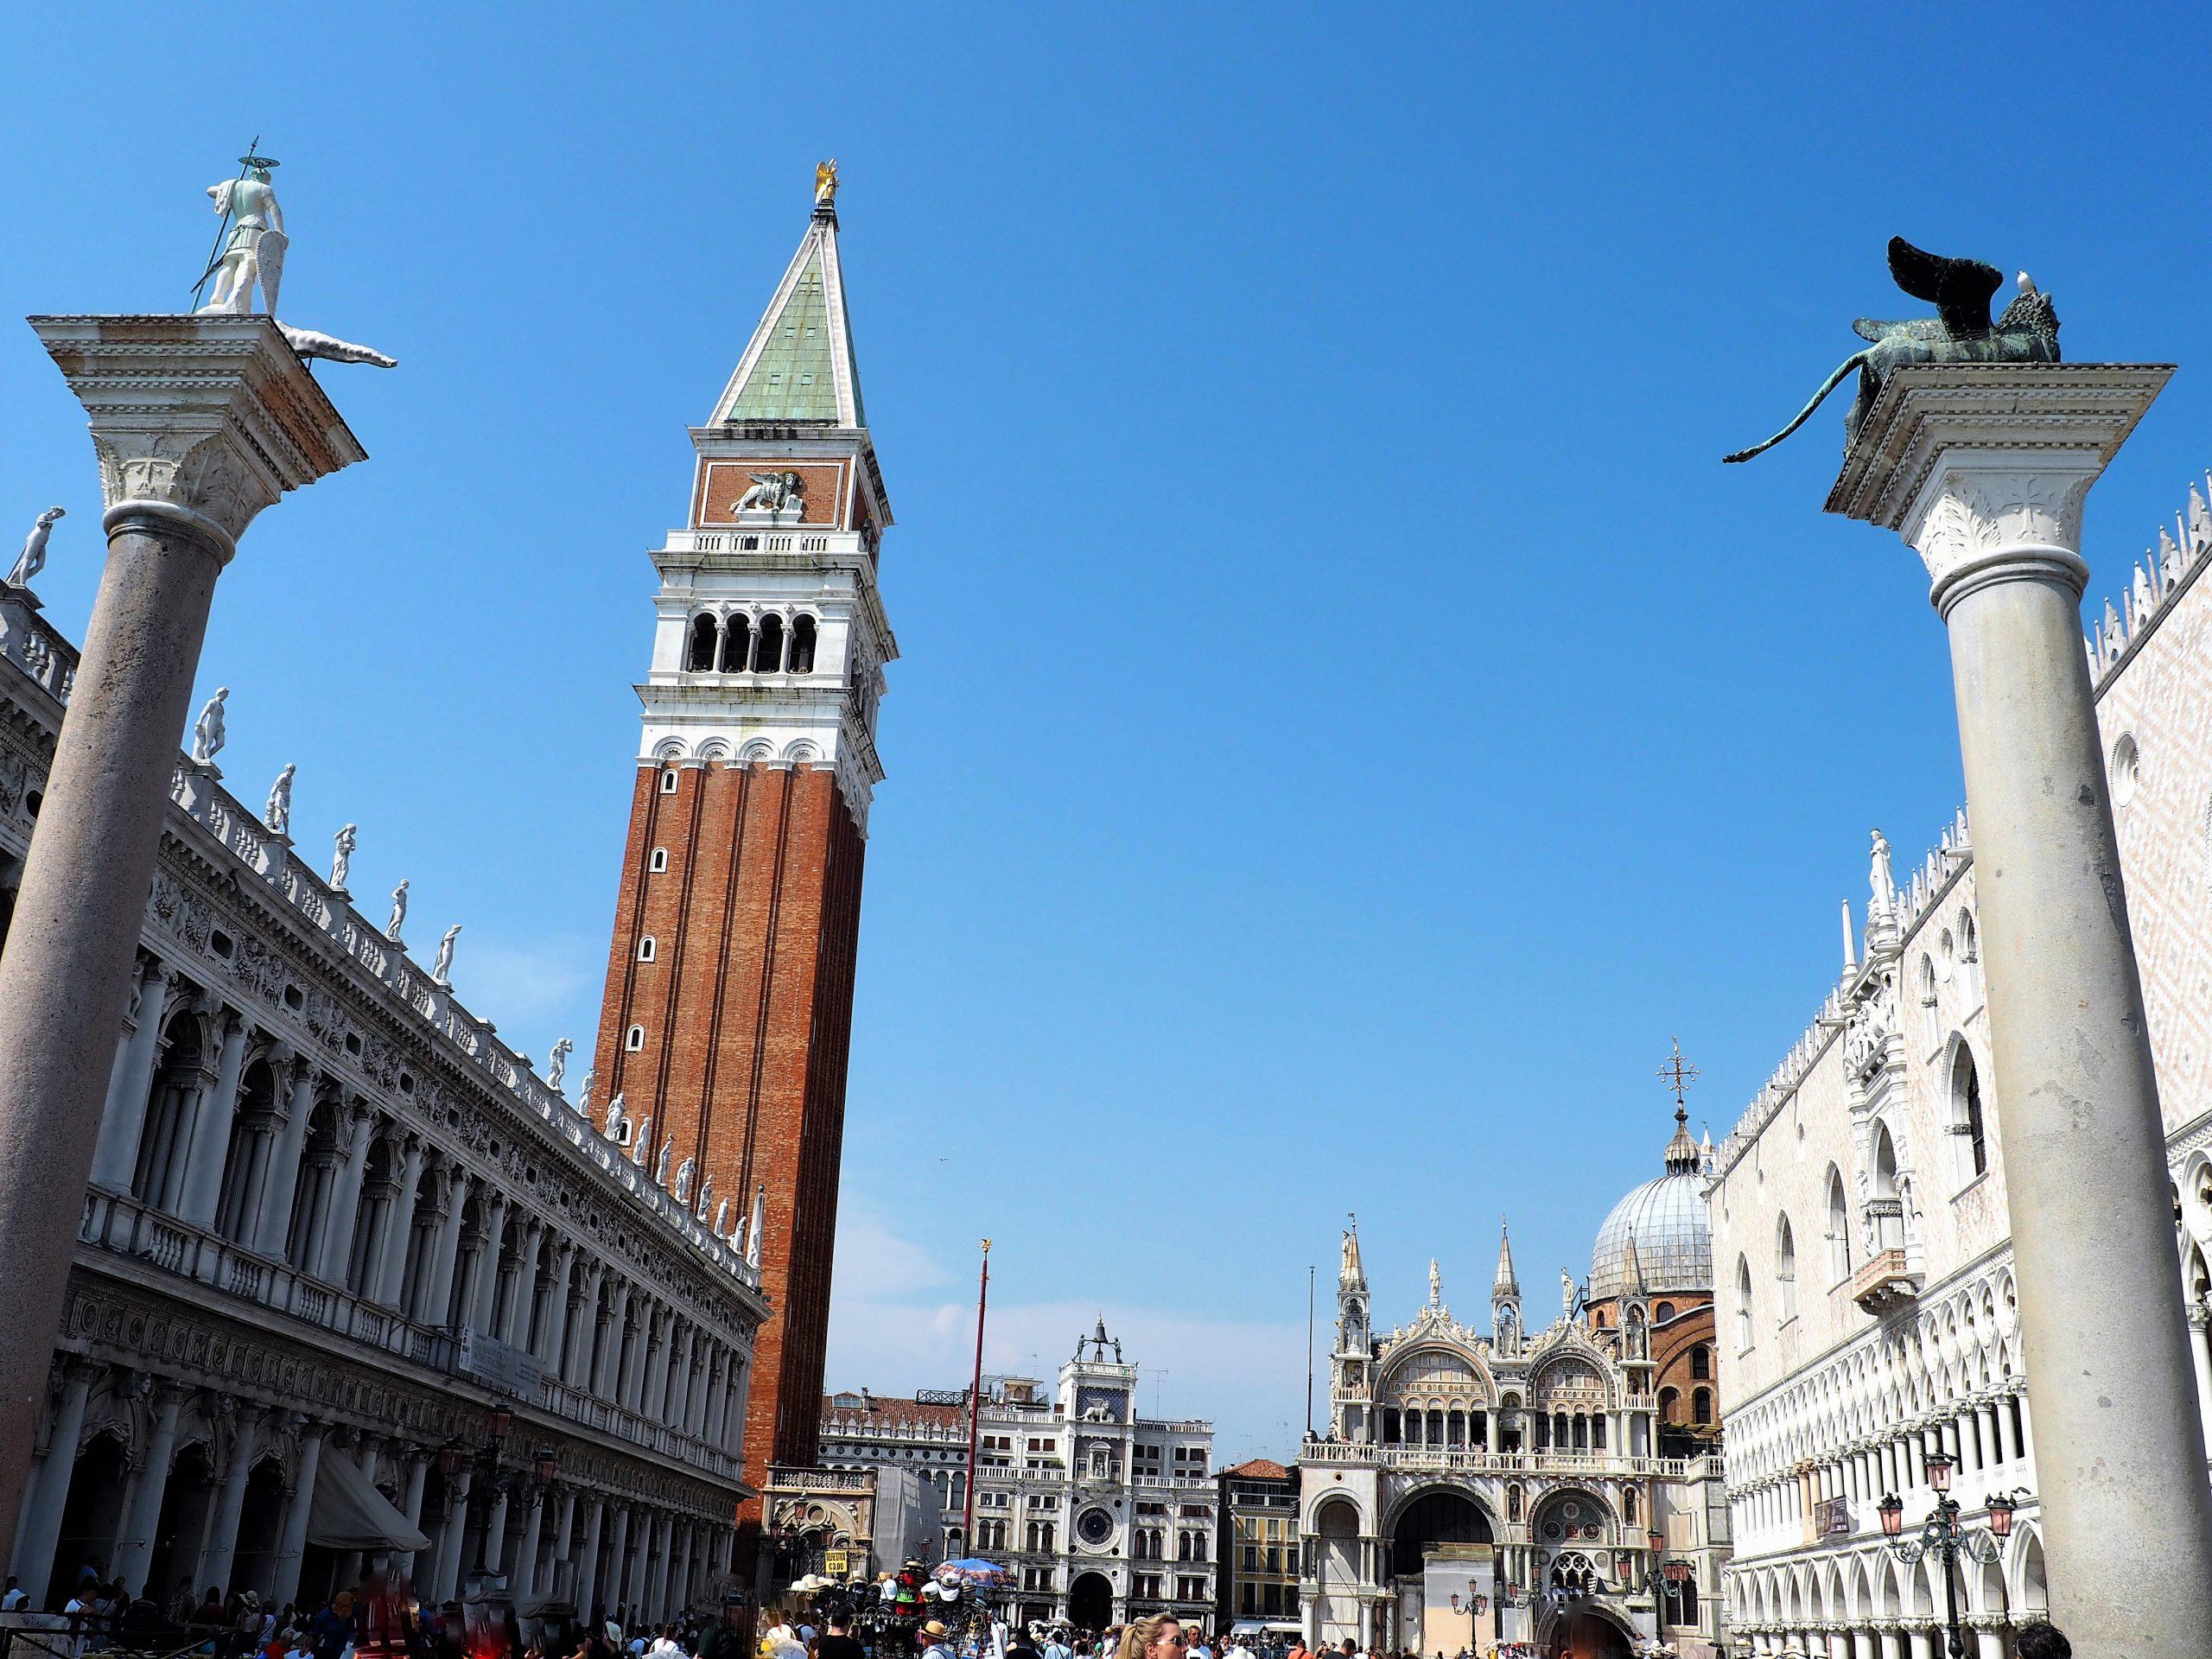 Bekannteste Sehenswürdigkeiten Venedig